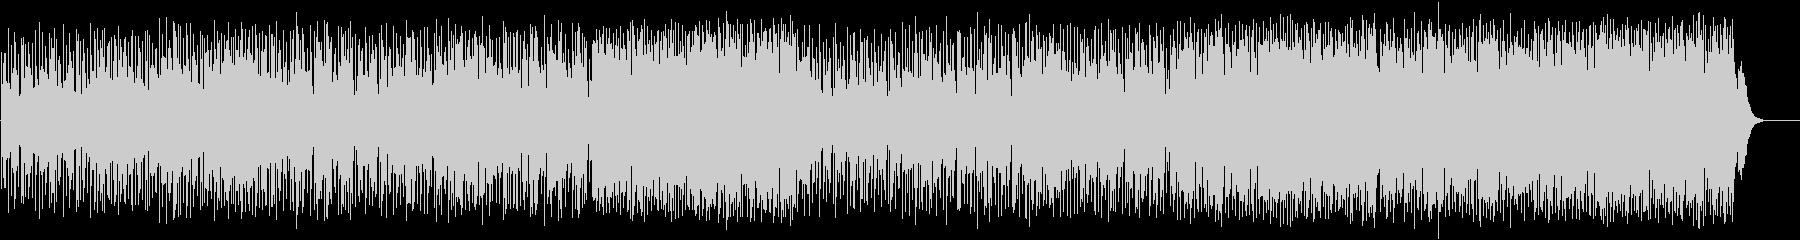 ほのぼのと優しいポップ(フルサイズ)の未再生の波形